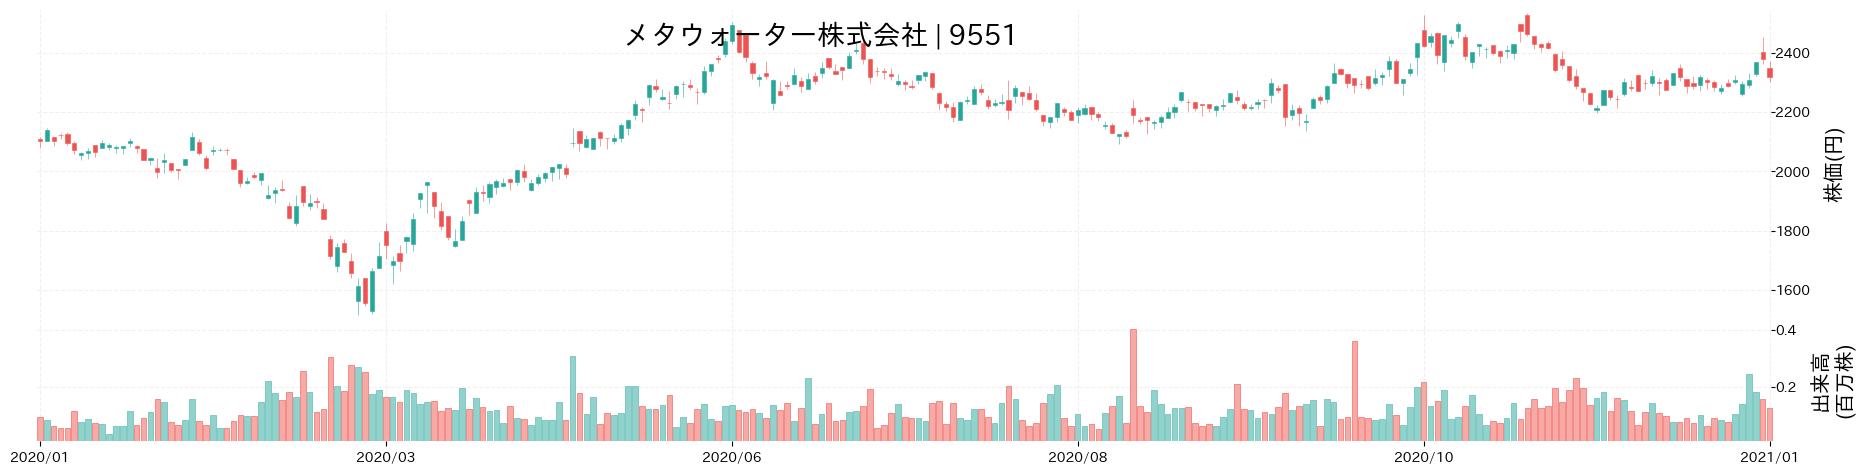 メタウォーター株式会社の株価推移(2020)